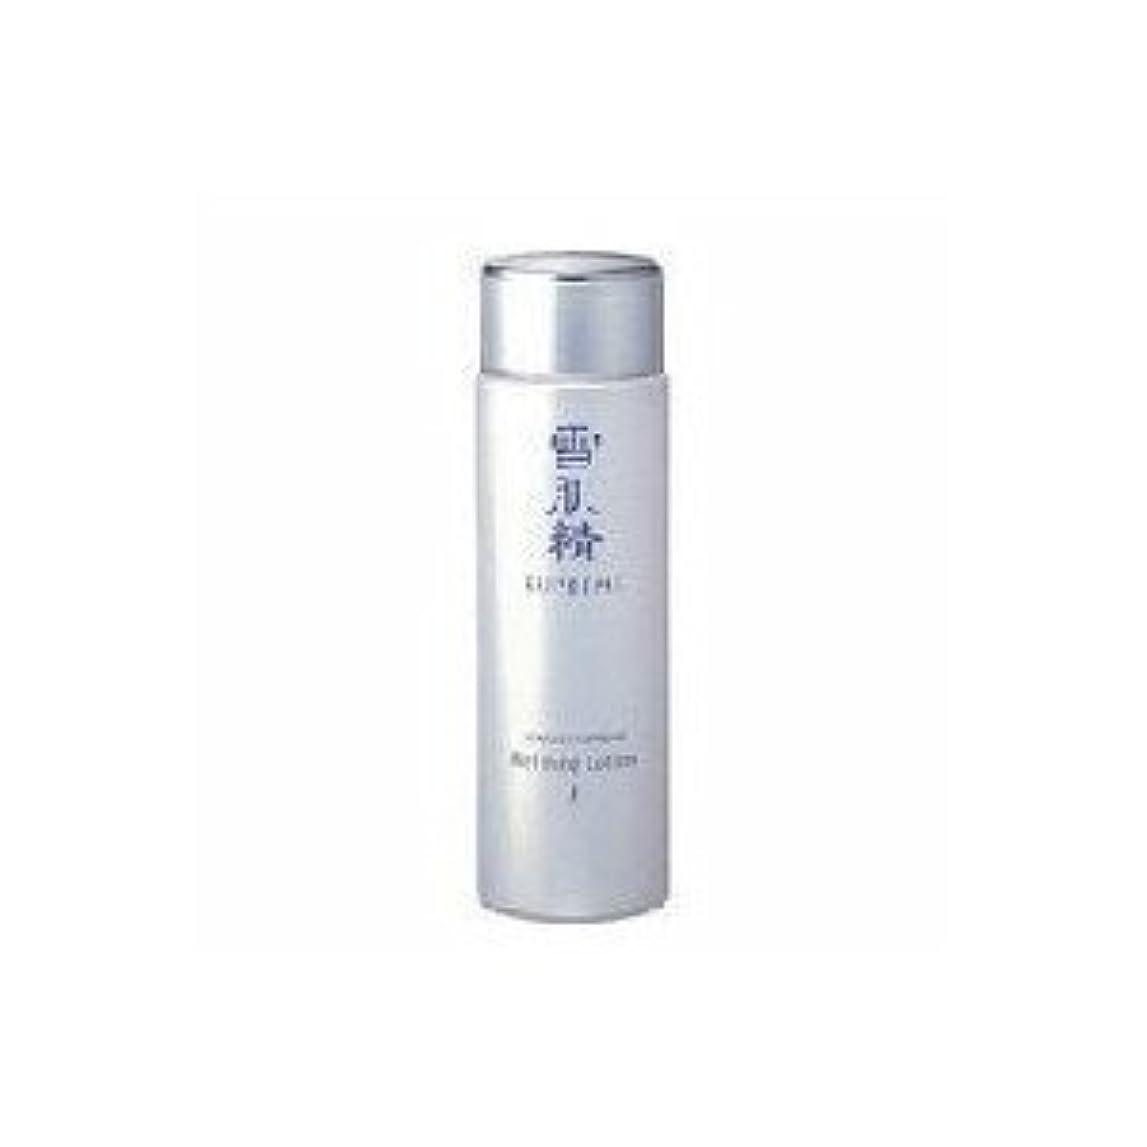 スカリー三角つかまえる限定品 コーセー 雪肌精 シュープレム 化粧水 II 400ml